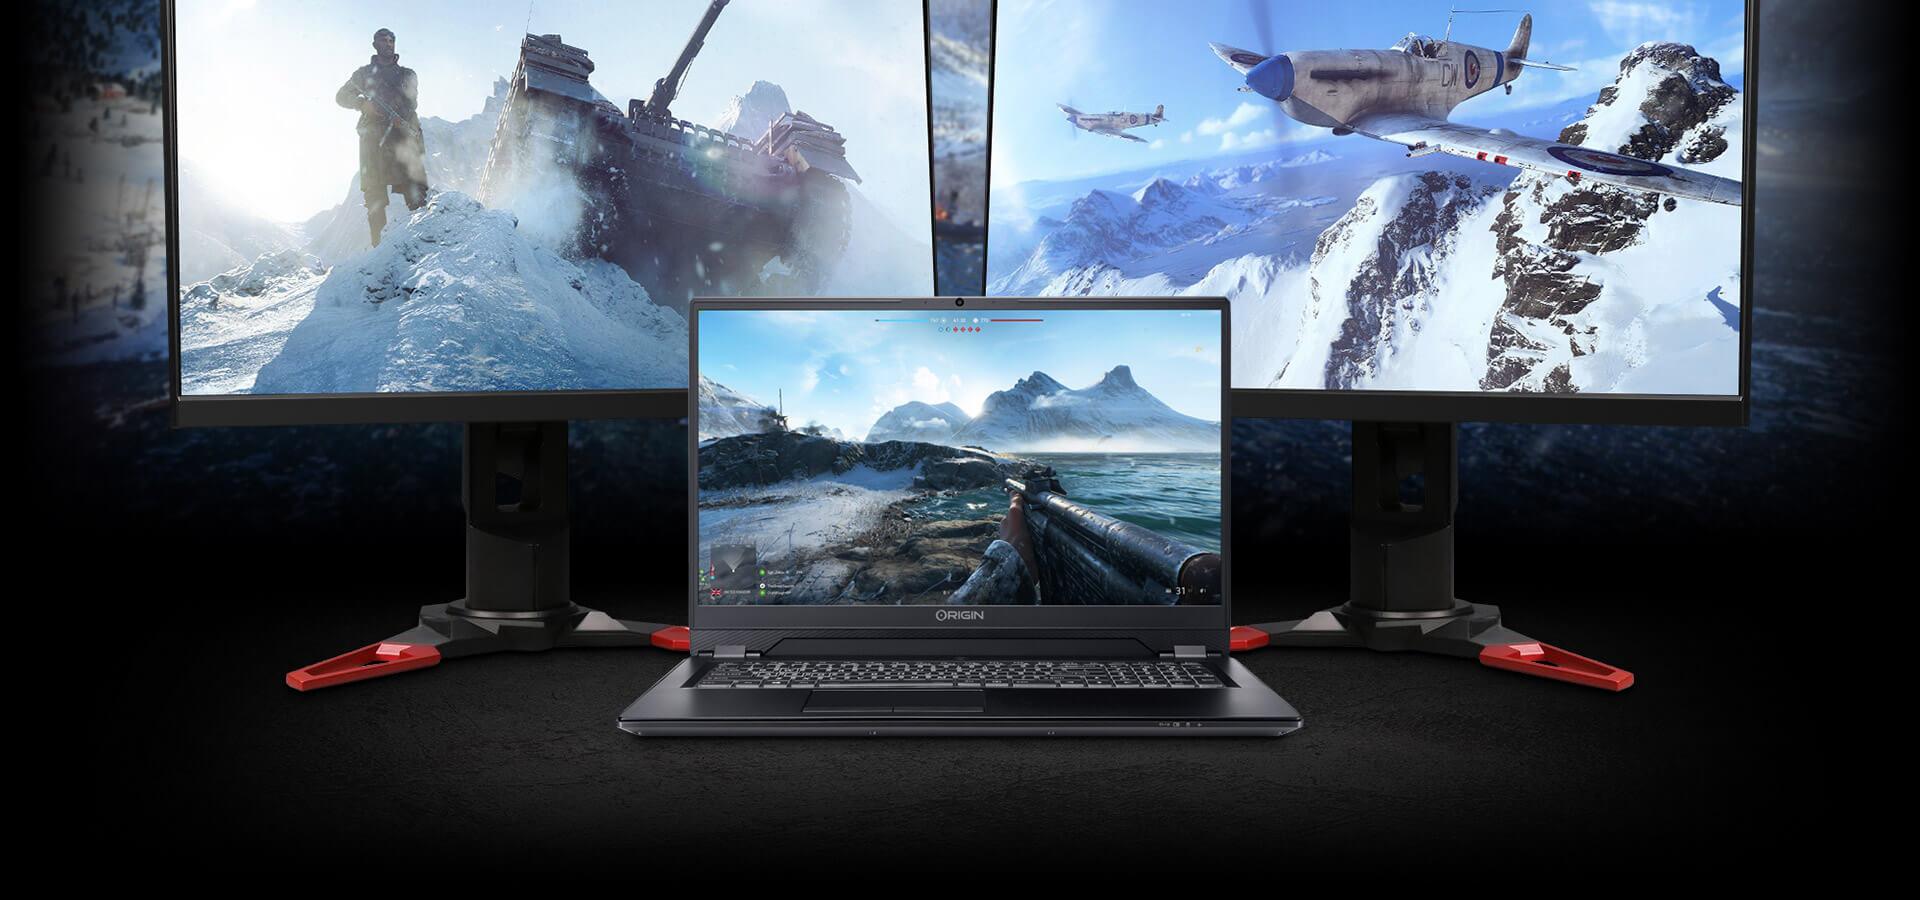 EVO17-S Gaming Laptop, EVO17-S Laptop   ORIGIN PC